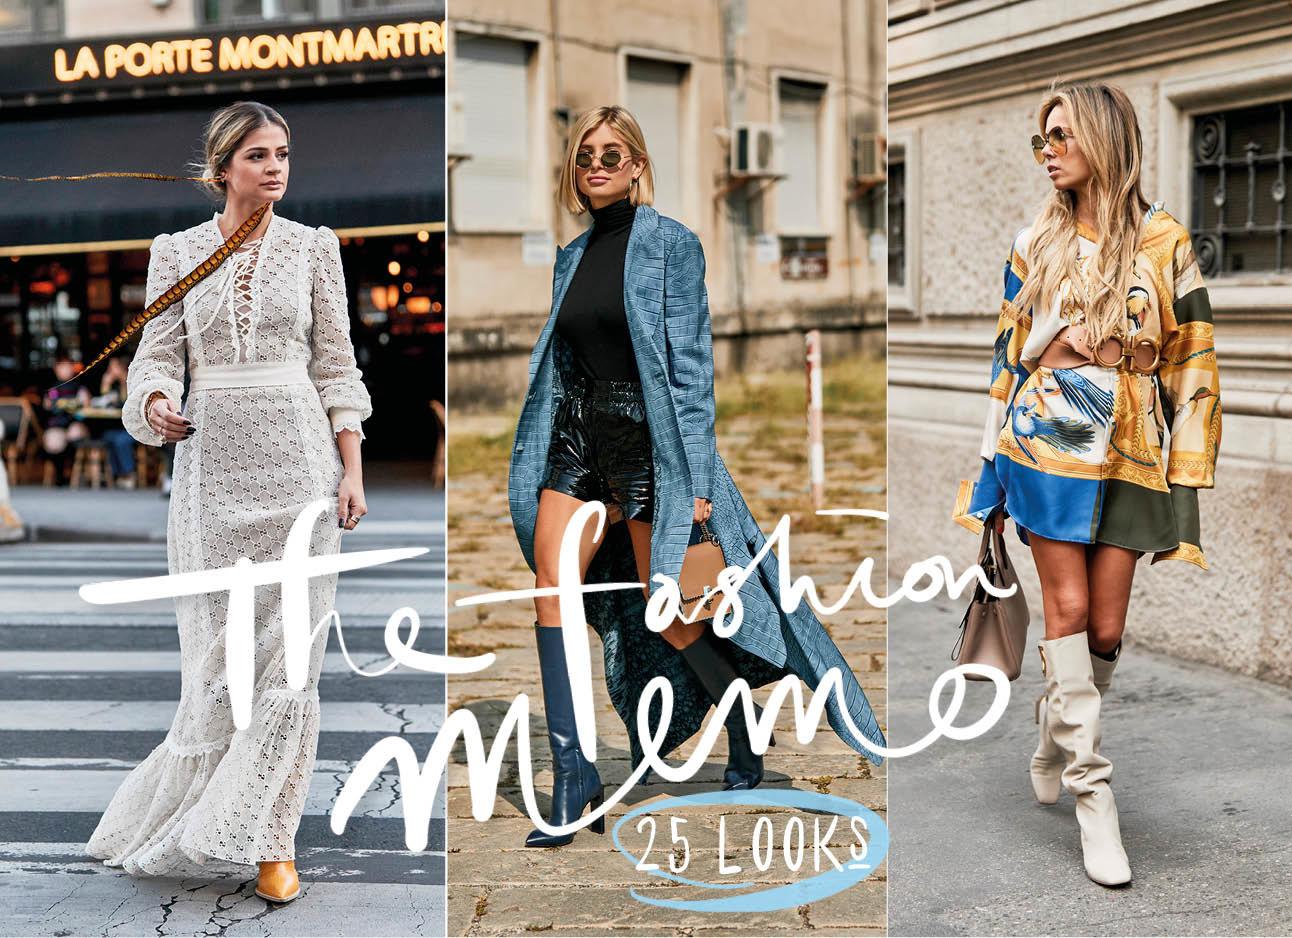 drie vrouwen lopend op straat streetstyle mode fashion festivalooks